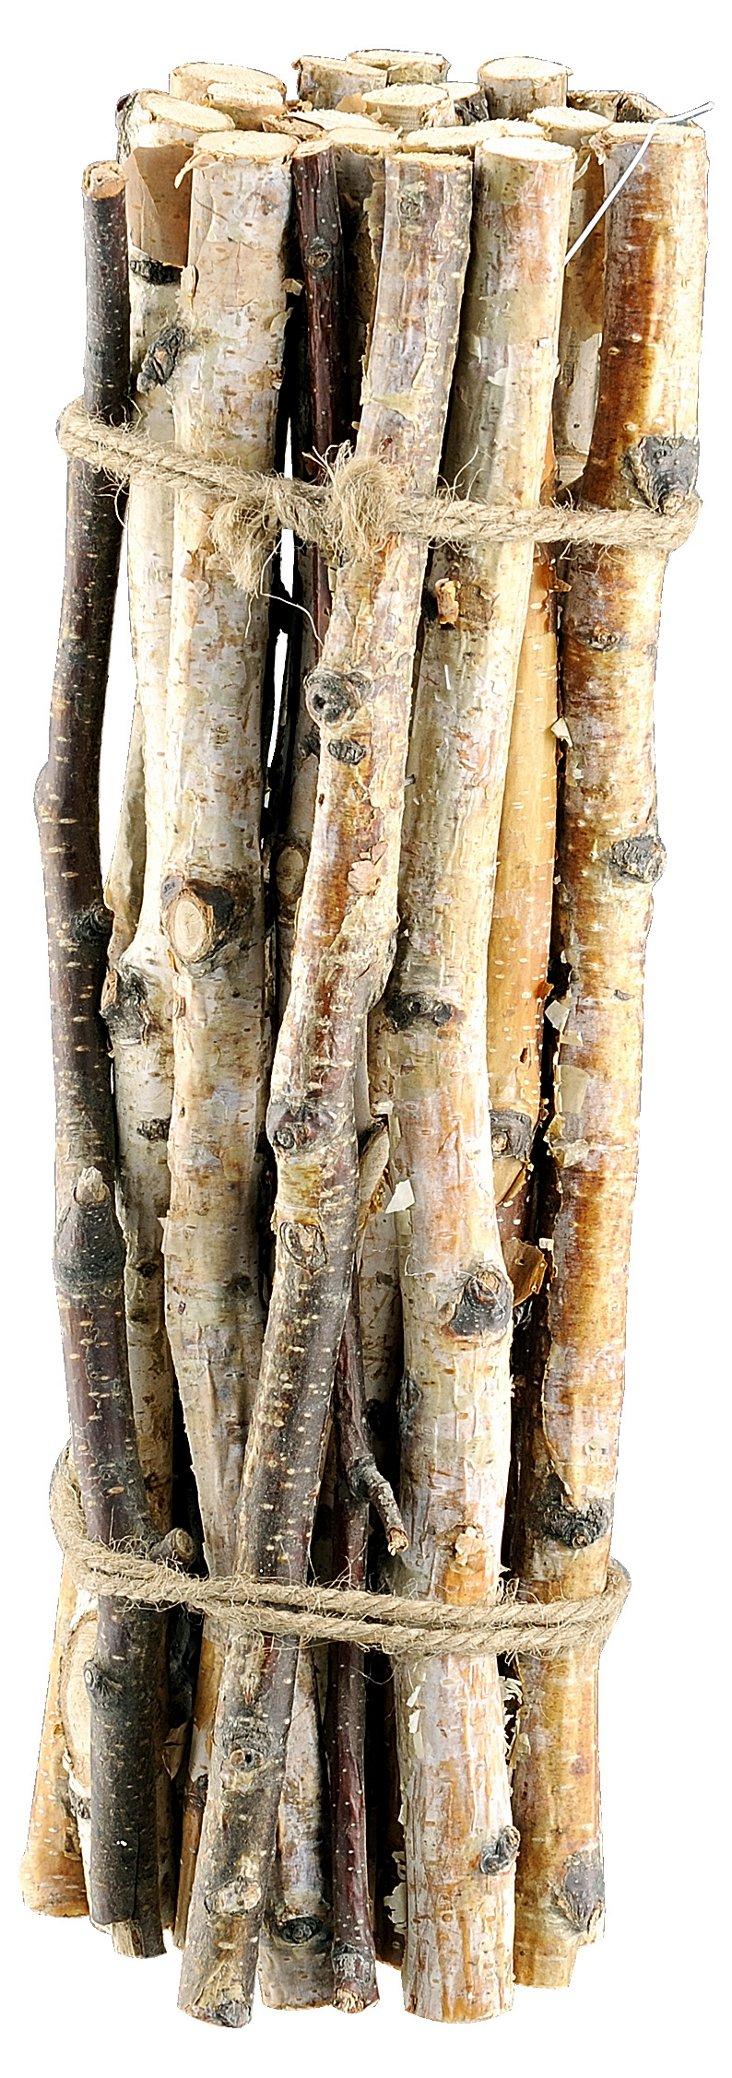 S/2 Bundle of Sticks